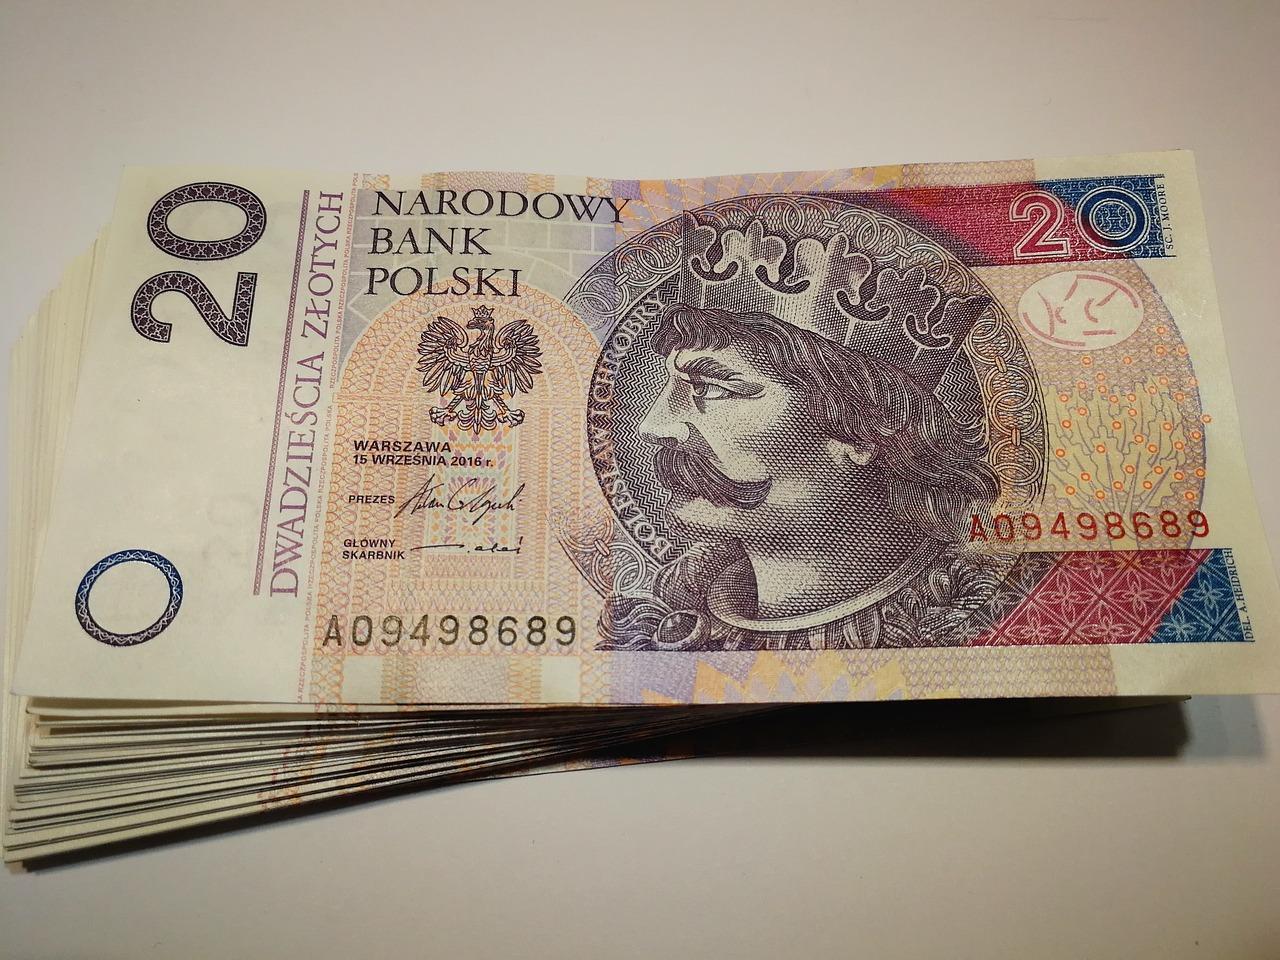 Czym lepiej płacić... Kartą czy gotówką?